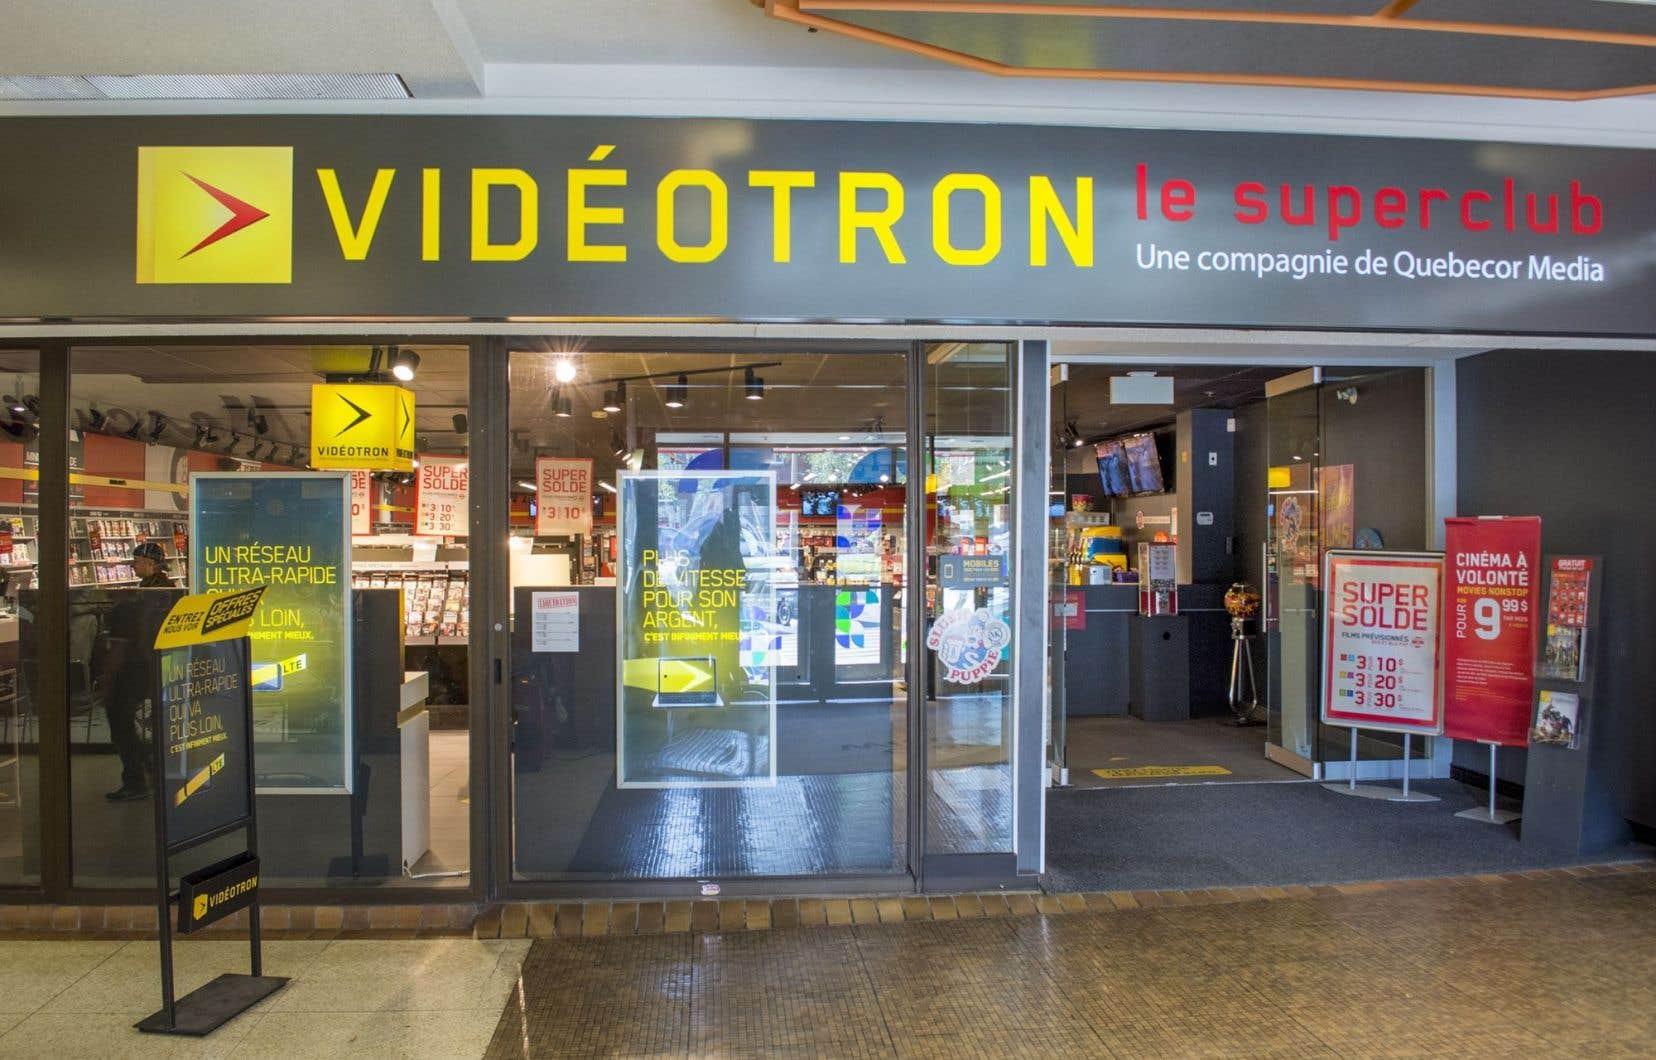 Si certains des plus importants fournisseurs attendent jusqu'au 1er mars pour dévoiler leurs nouveaux forfaits, d'autres, comme Videotron, annoncent déjà sur leur site Internet leur service de base à 25 $.